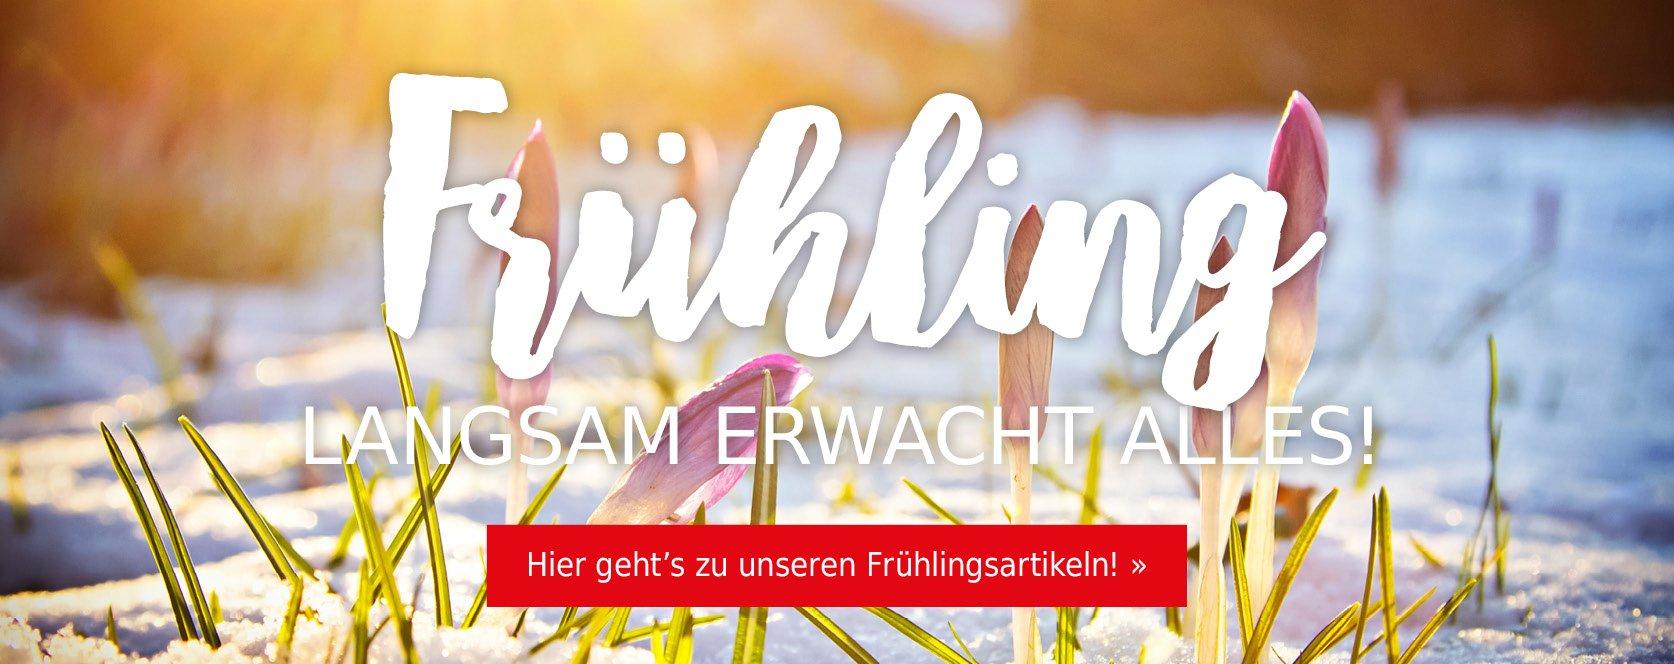 Fantastisch Polstermöbel Fischer Bilder - Innenarchitektur ...